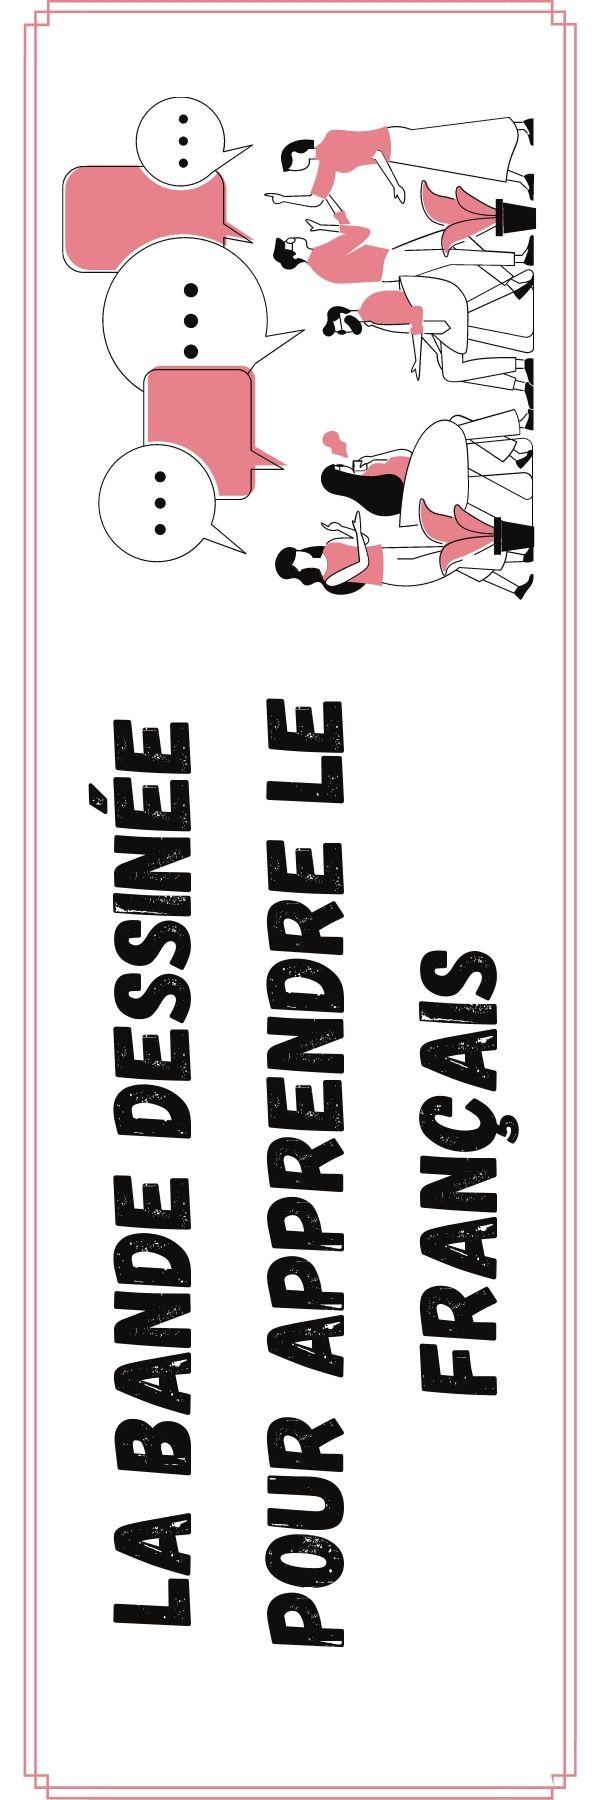 La bande dessinée pour apprendre le français